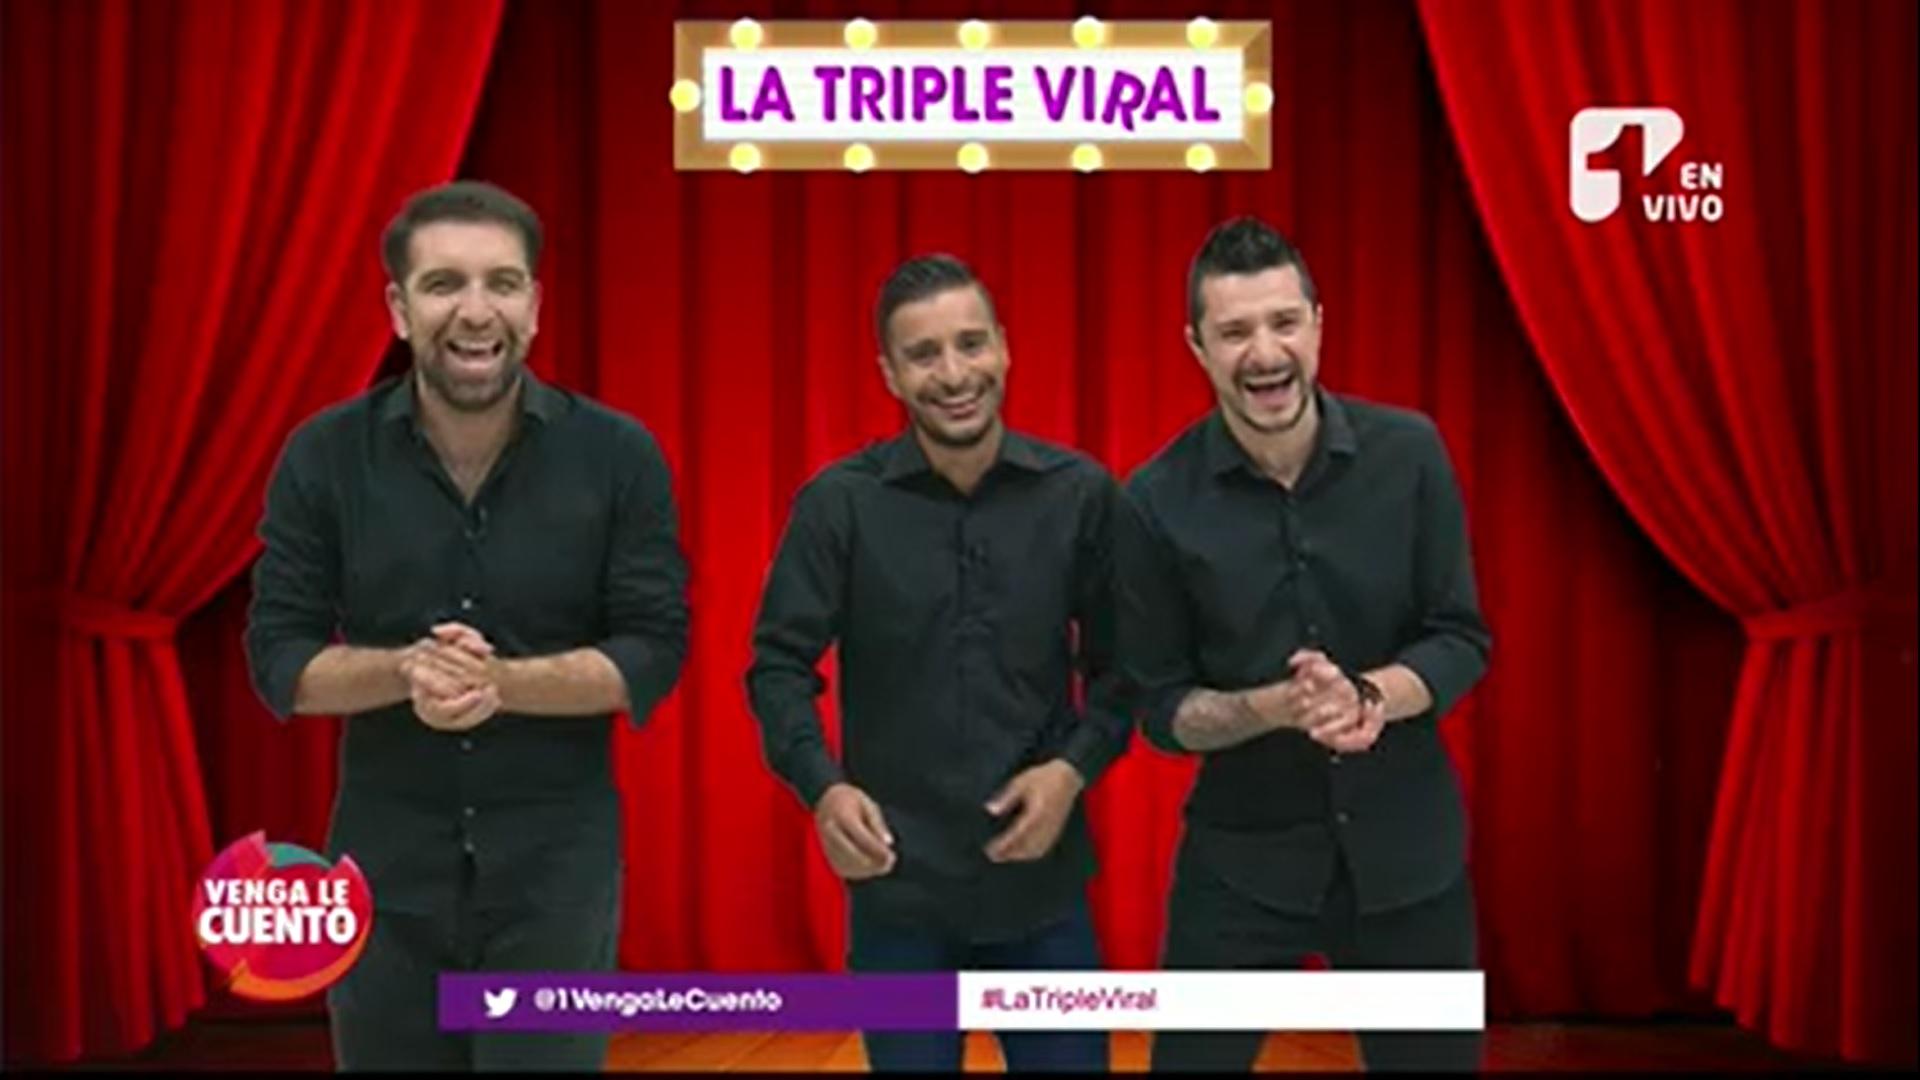 """""""La triple viral"""": Sabes que viene diciembre cuando…"""